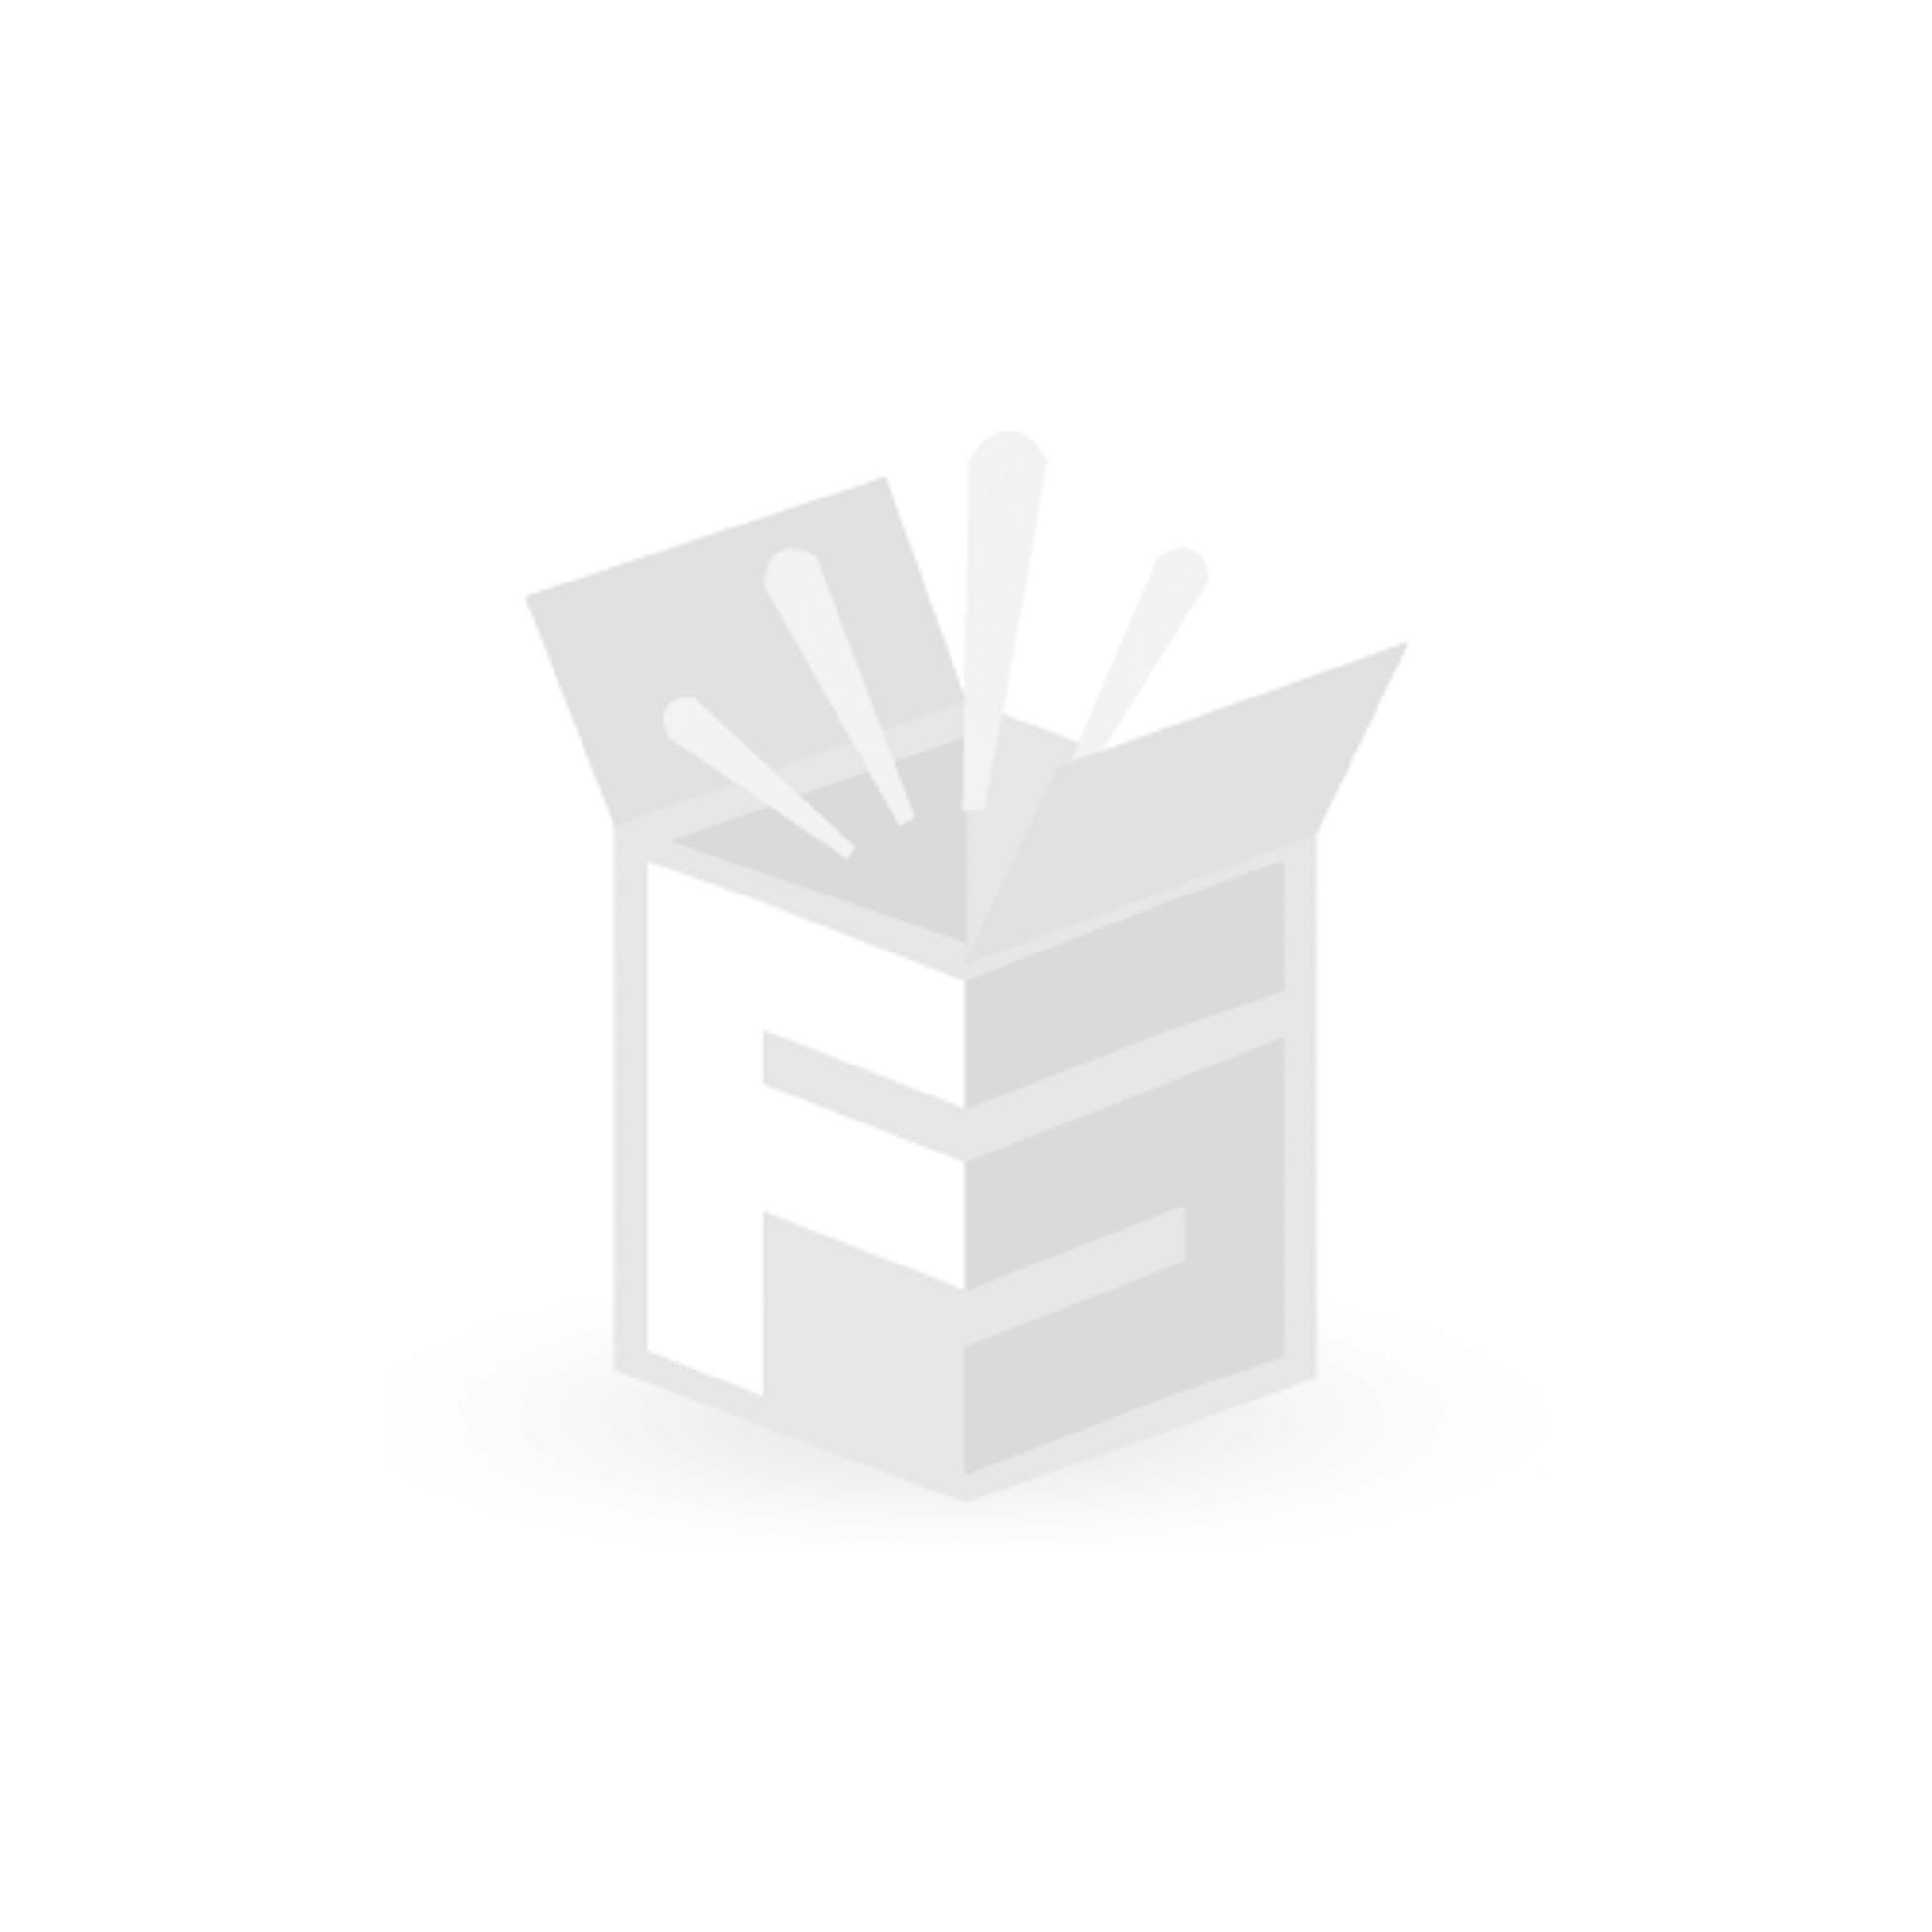 Kappa Sneaker-Socken 3-er Pack, Grösse 40-46